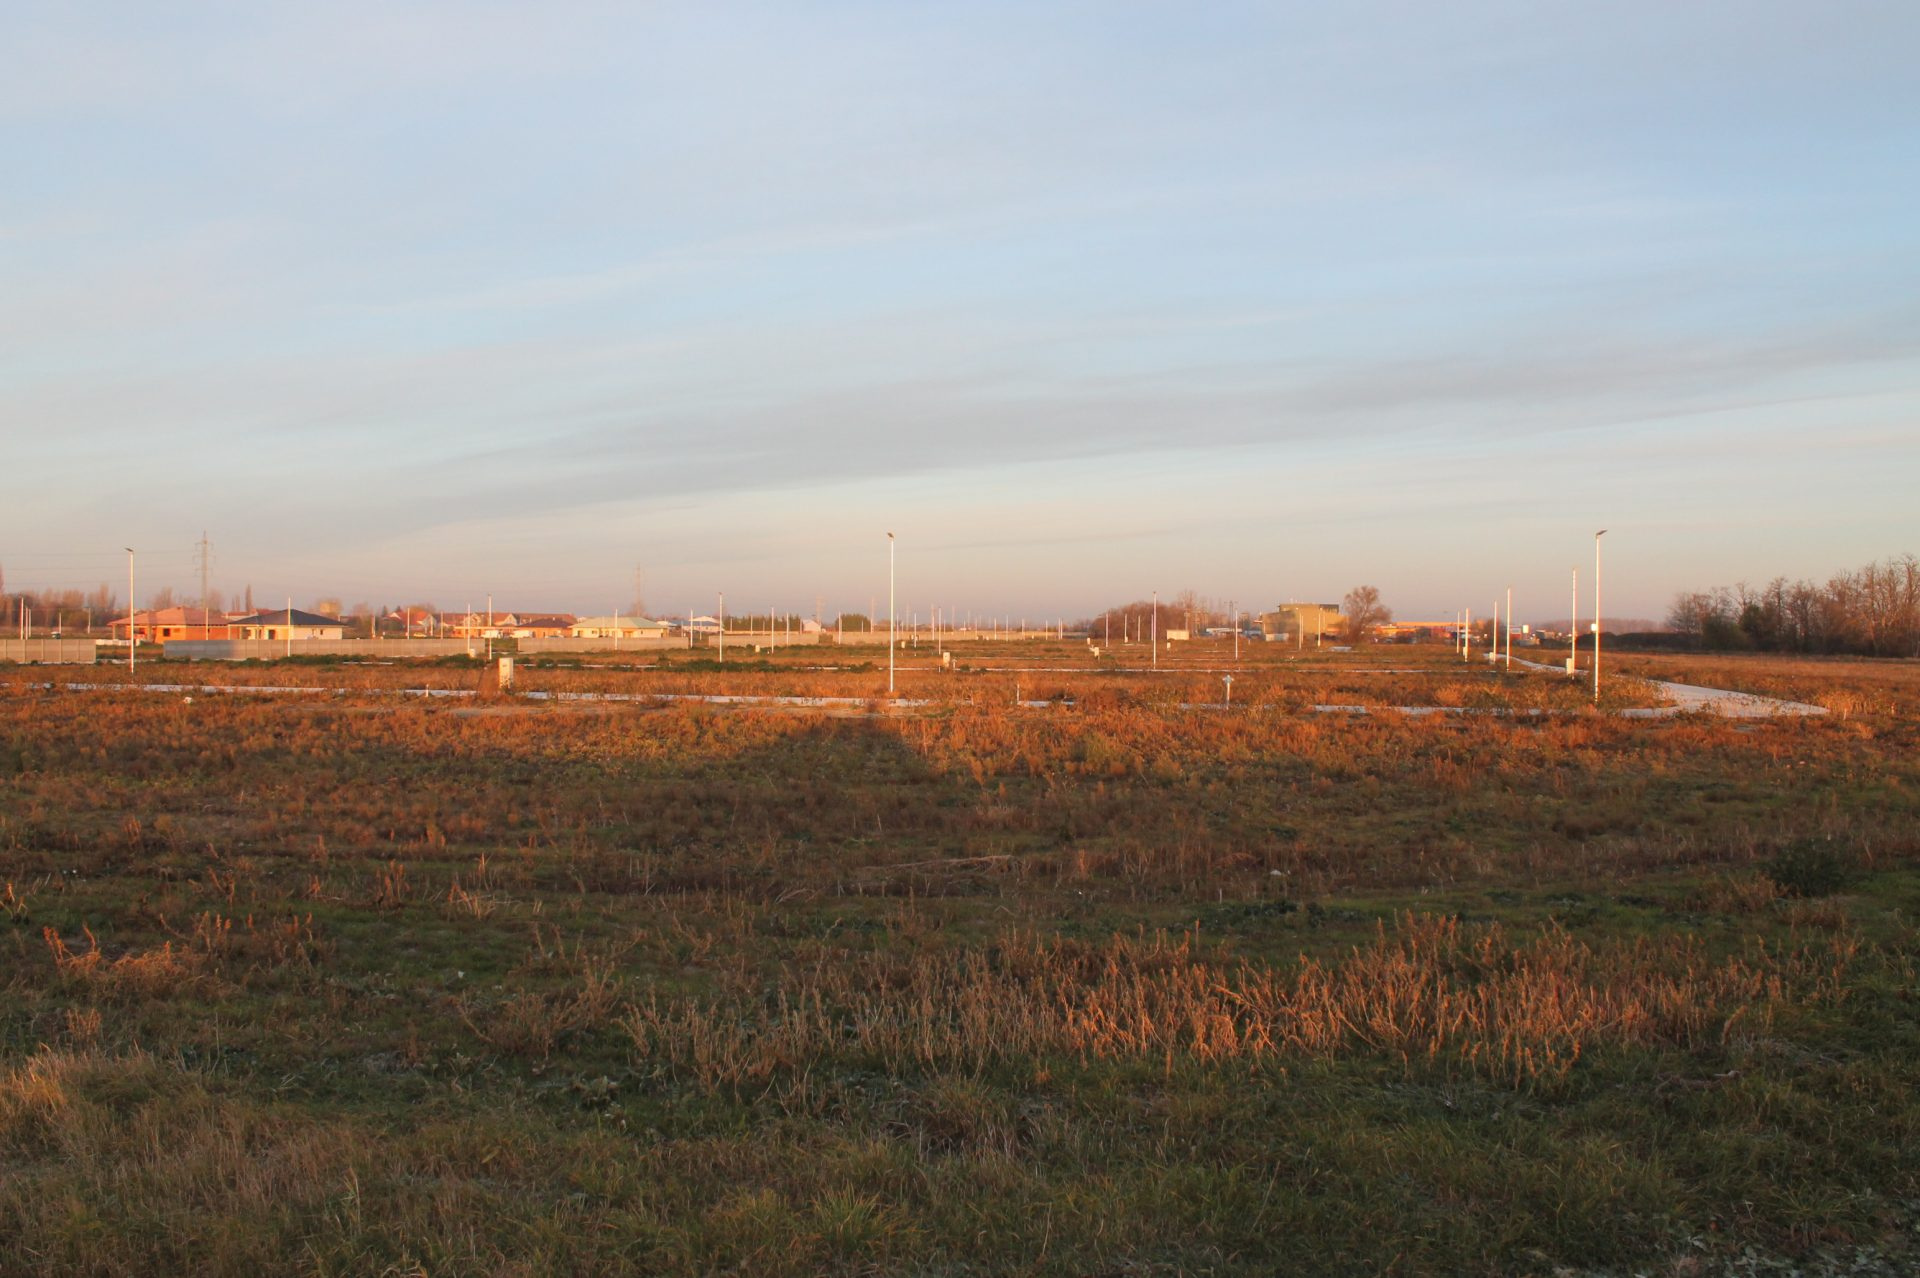 vyber-stavebneho-pozemku-zemne-prace